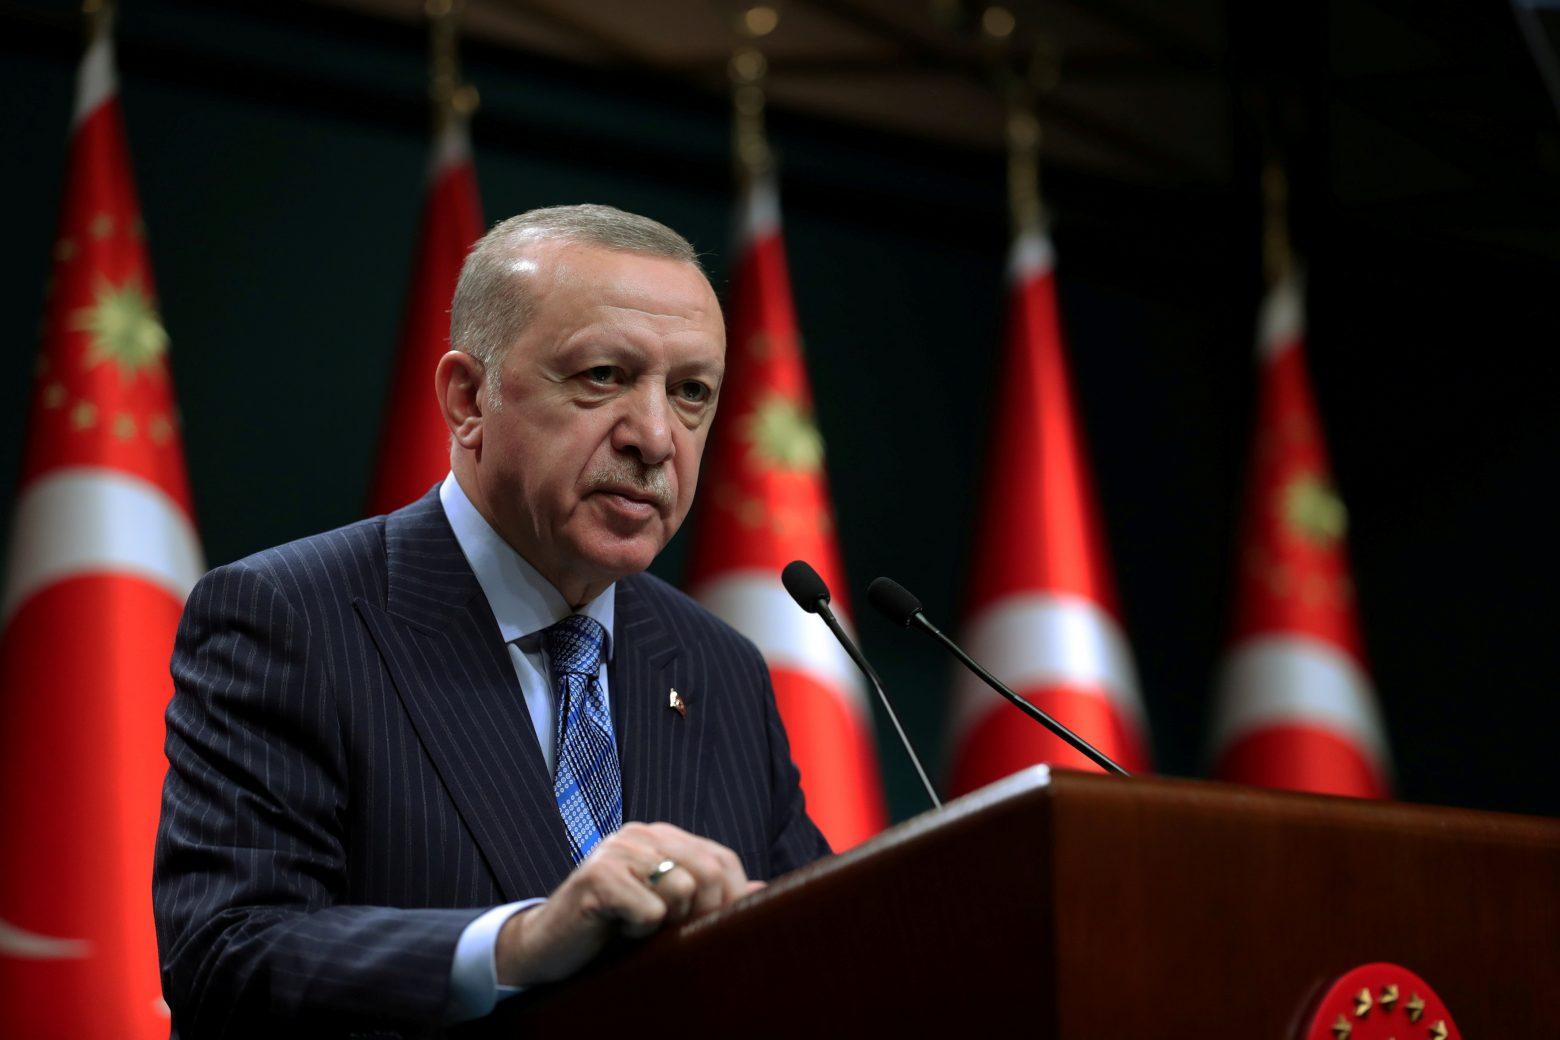 Ερντογάν: Ελπίζουμε στη μεγιστοποίηση των σχέσεών μας με την Αίγυπτο και χώρες του Κόλπου